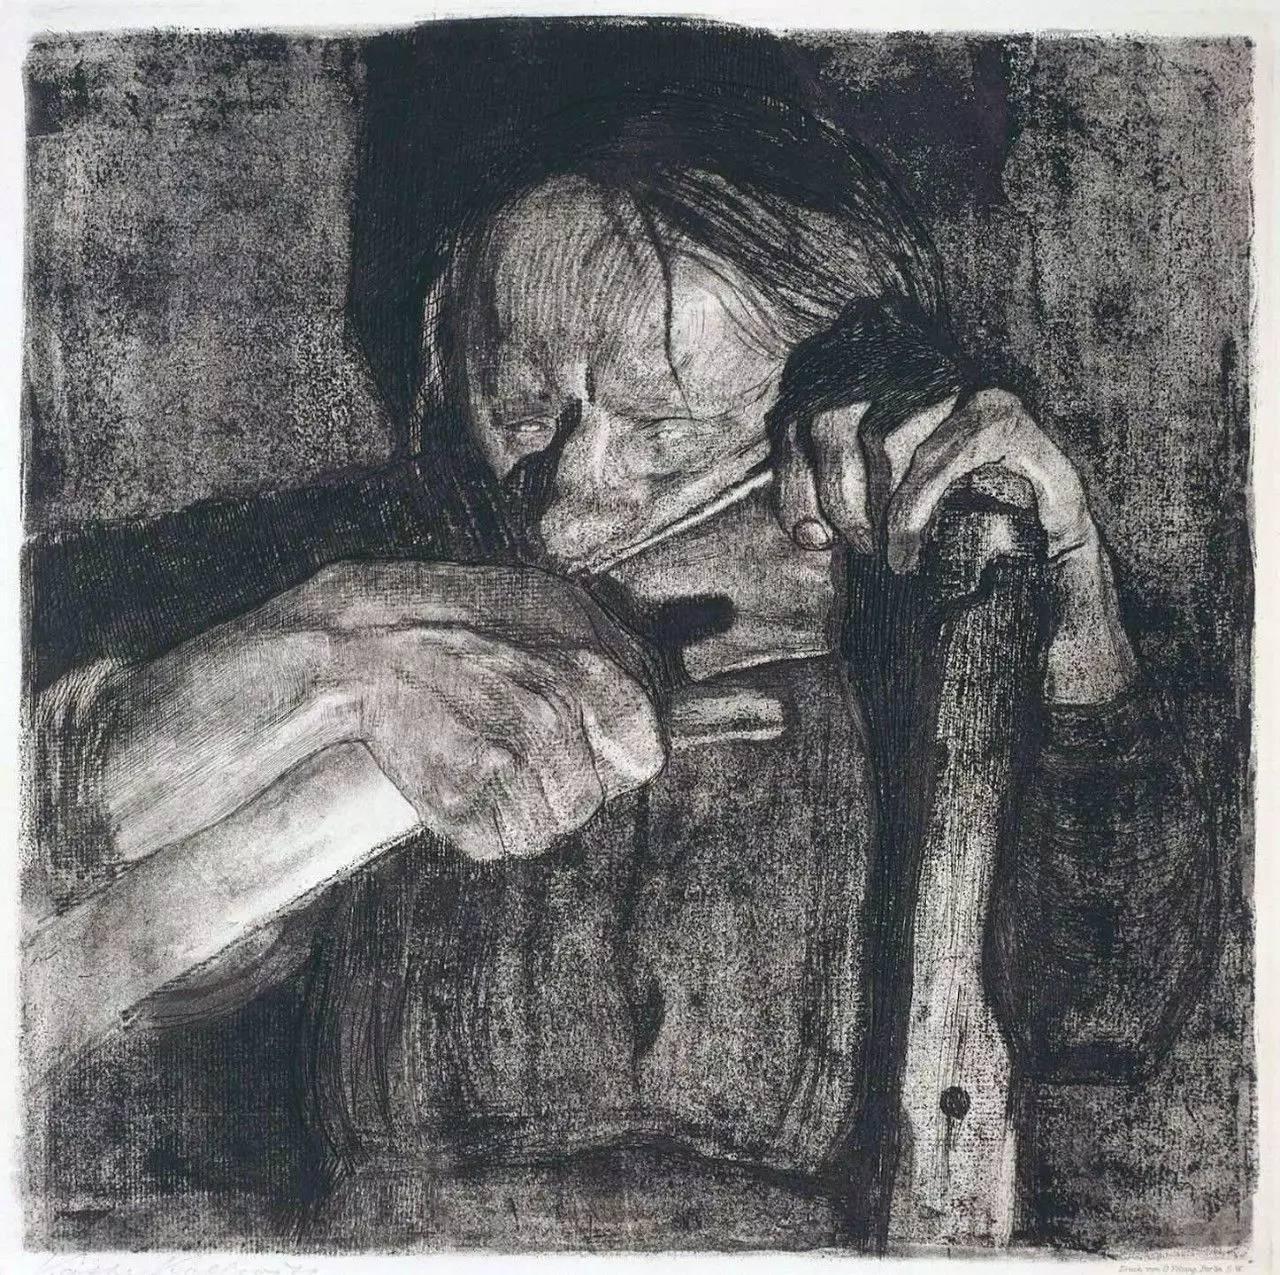 鲁迅称她为举世无双的女性艺术家,她以母爱之名,描绘出了如恶疾般的